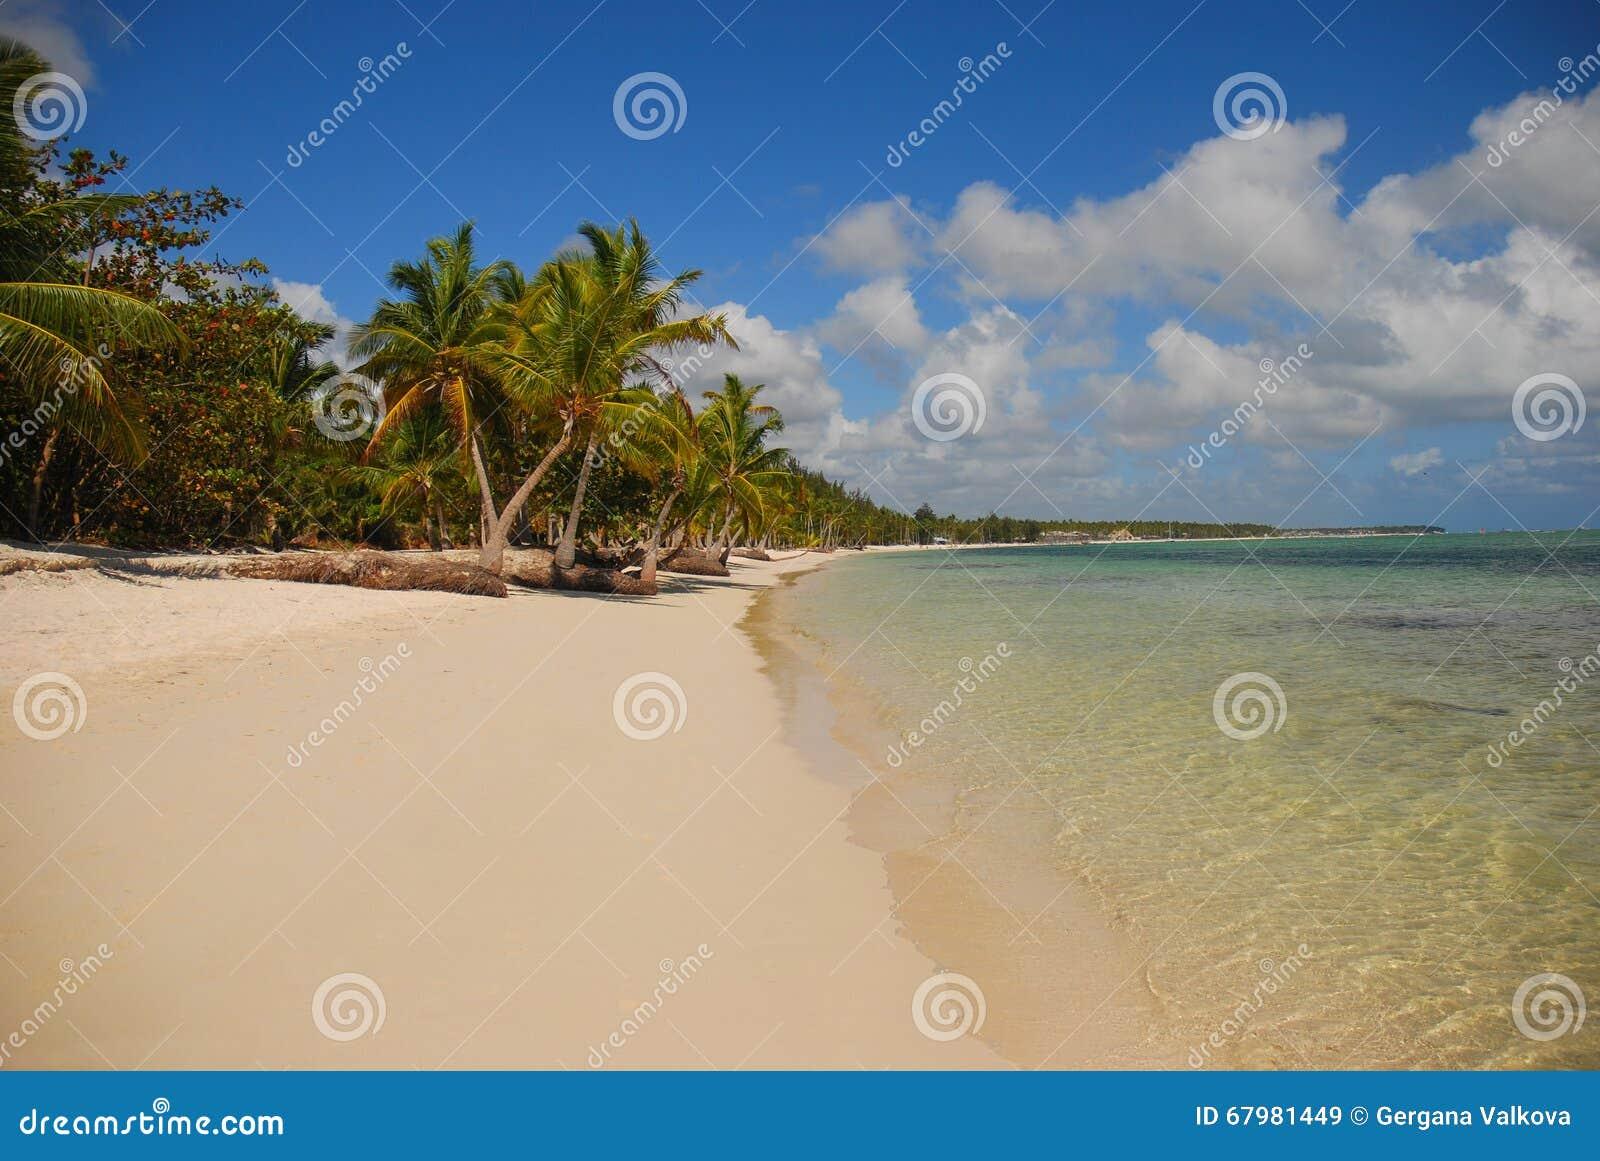 Palmeras y playa arenosa en la República Dominicana